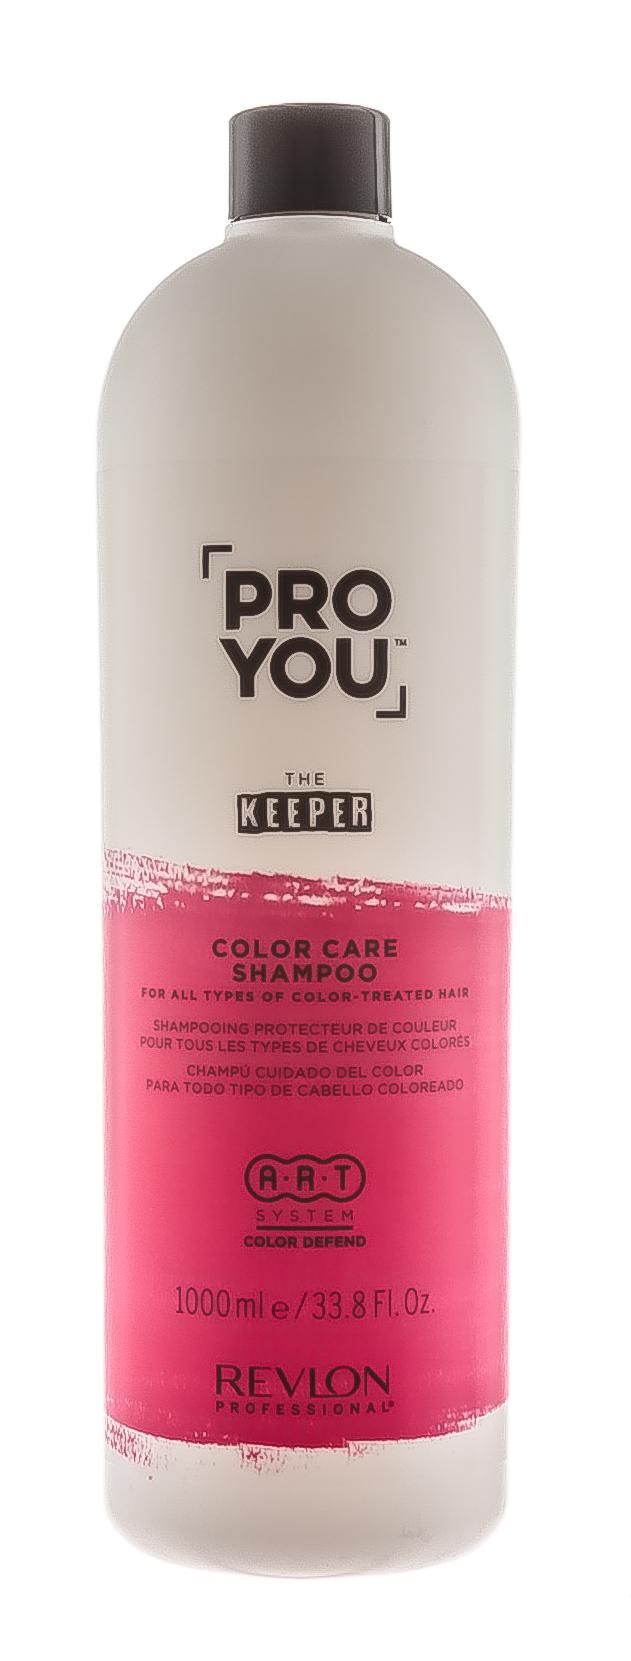 Купить Revlon Professional Шампунь защита цвета для всех типов окрашенных волос Color Care Shampoo, 1000 мл (Revlon Professional, Pro You), США